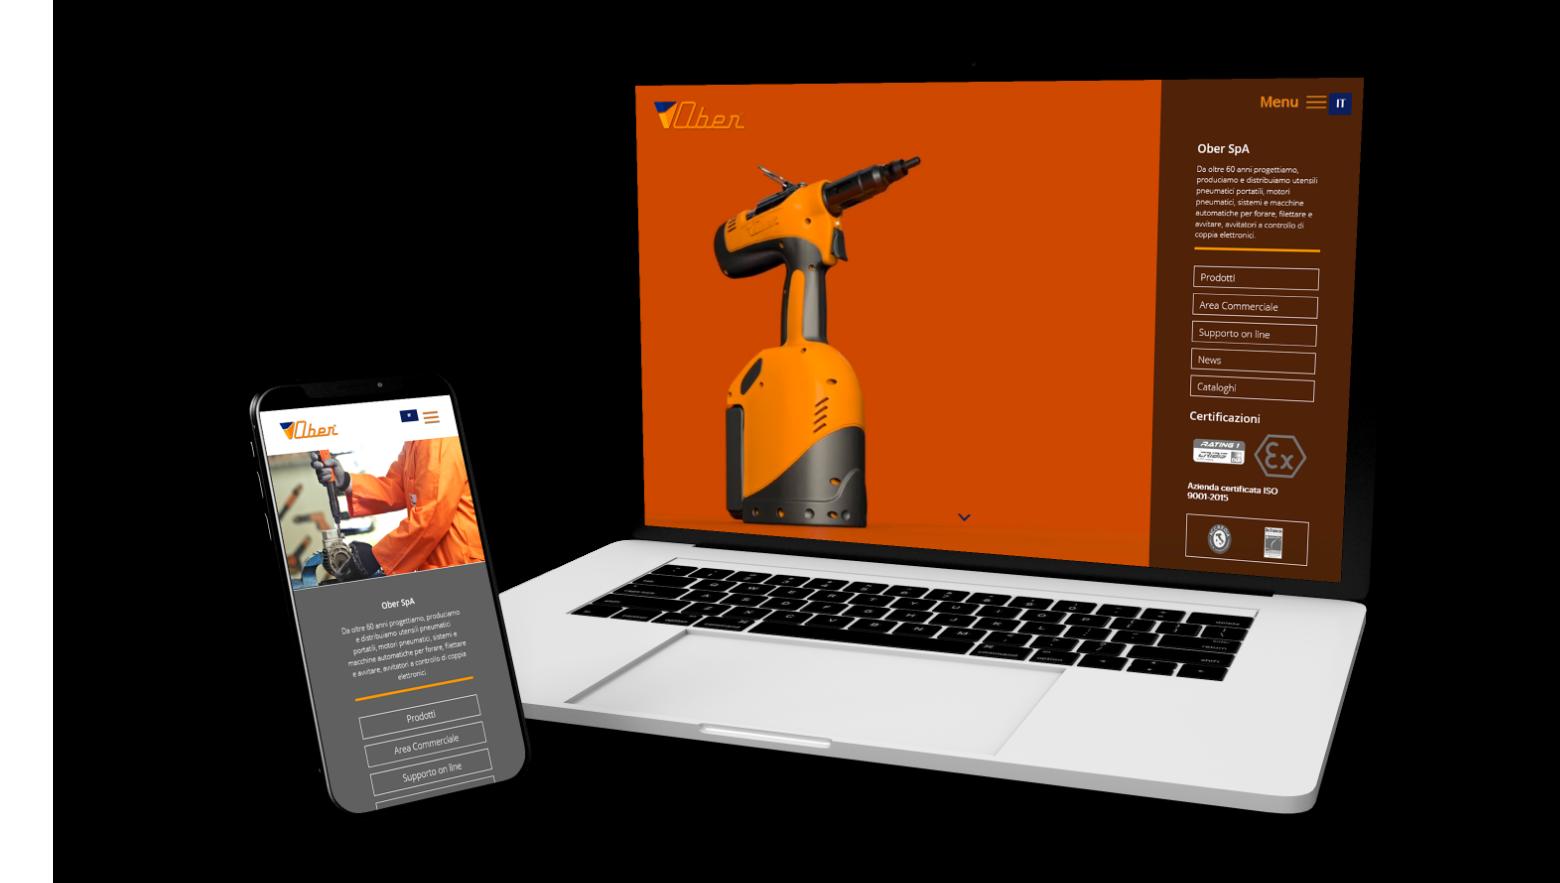 Siti web Verona - Web Design, Web Marketing - Ober S.p.a | OIS